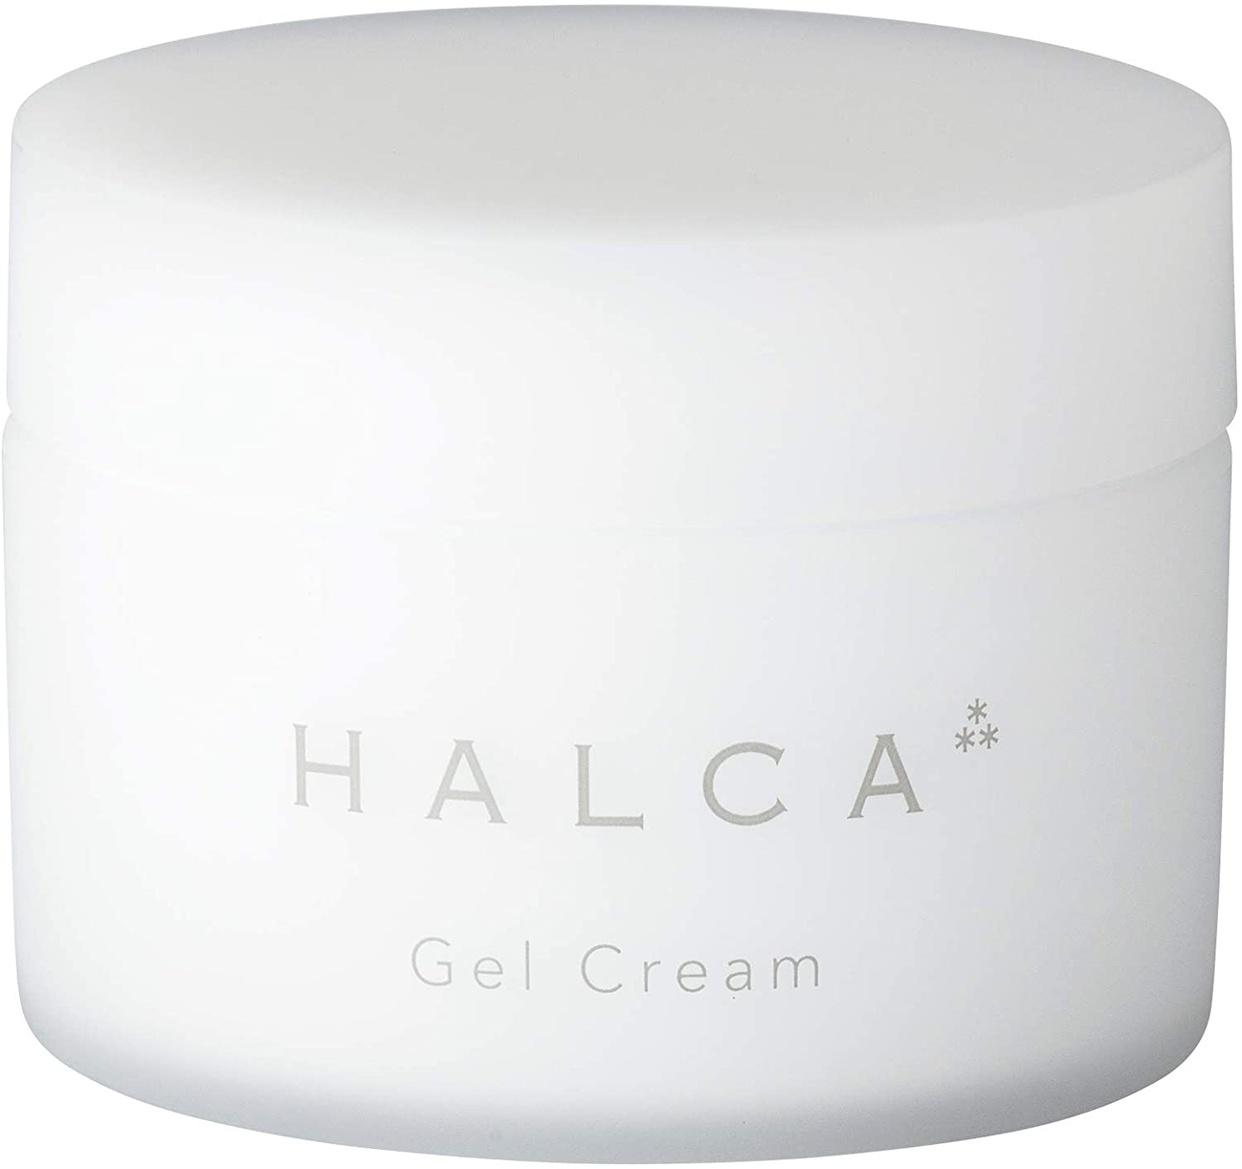 HALCA(ハルカ) ジェルクリームの商品画像